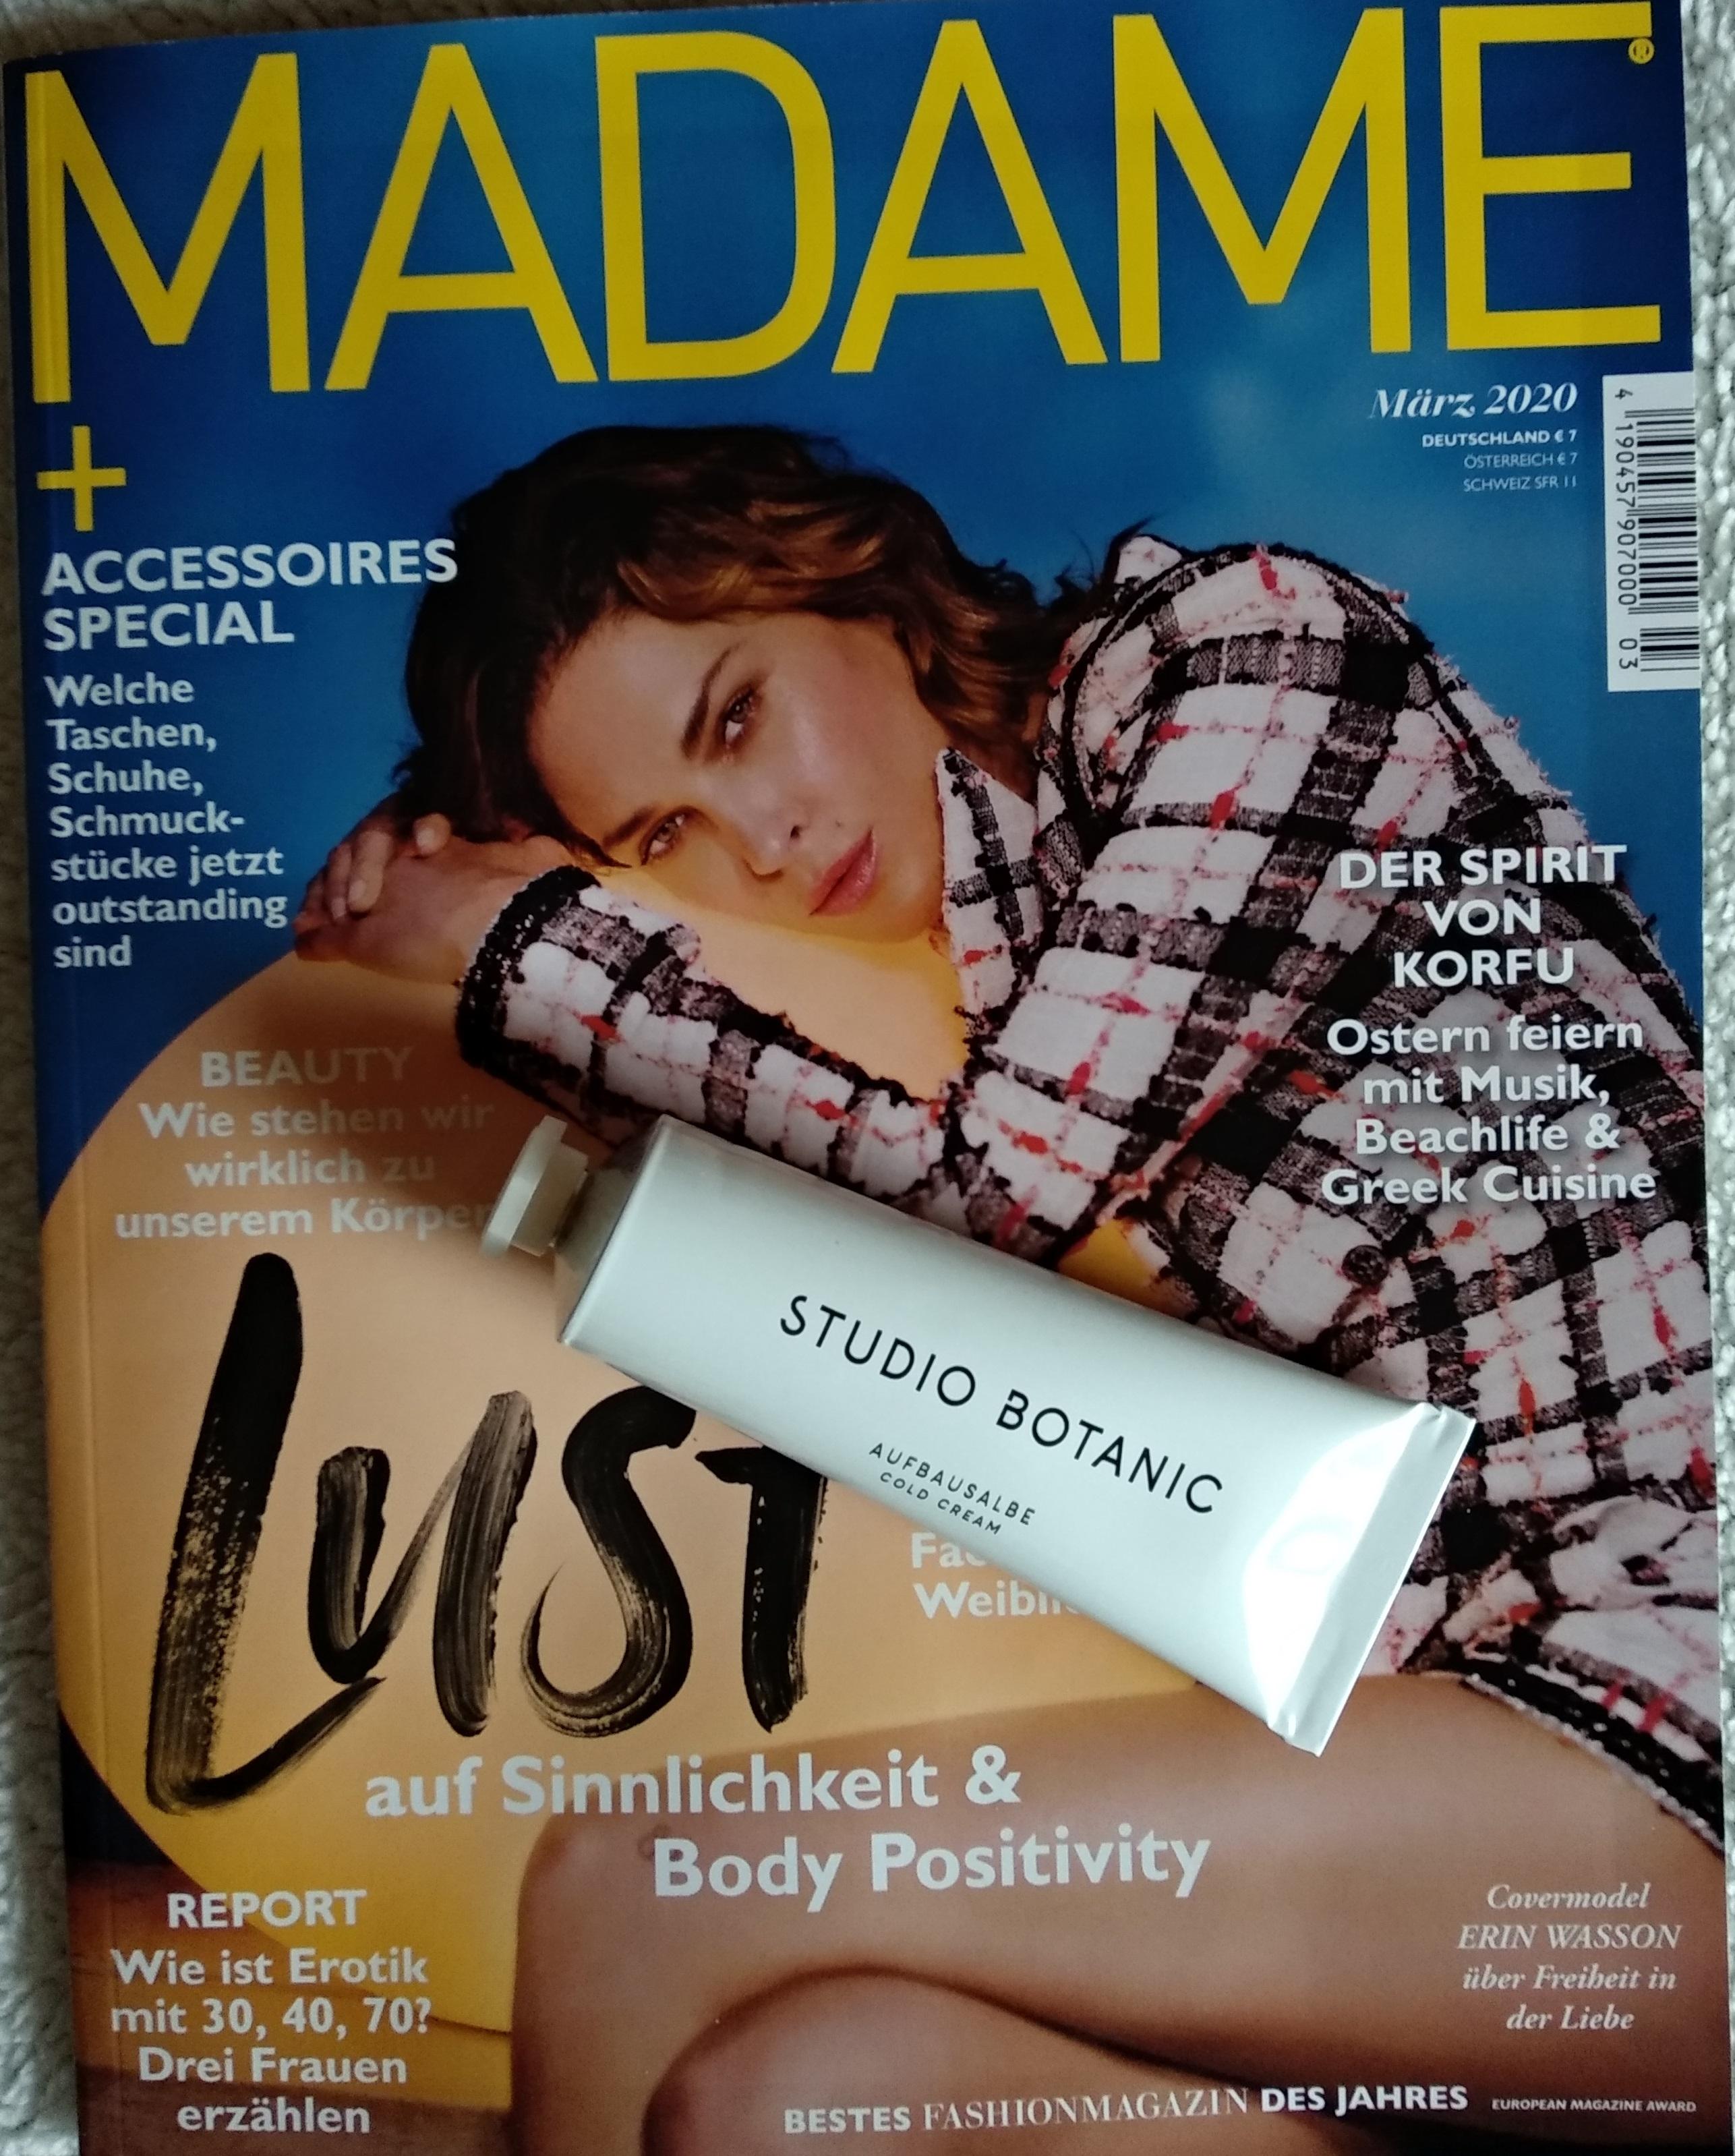 Madame Zeitschrift - Gratis Beigabe Studio Botanic Creme